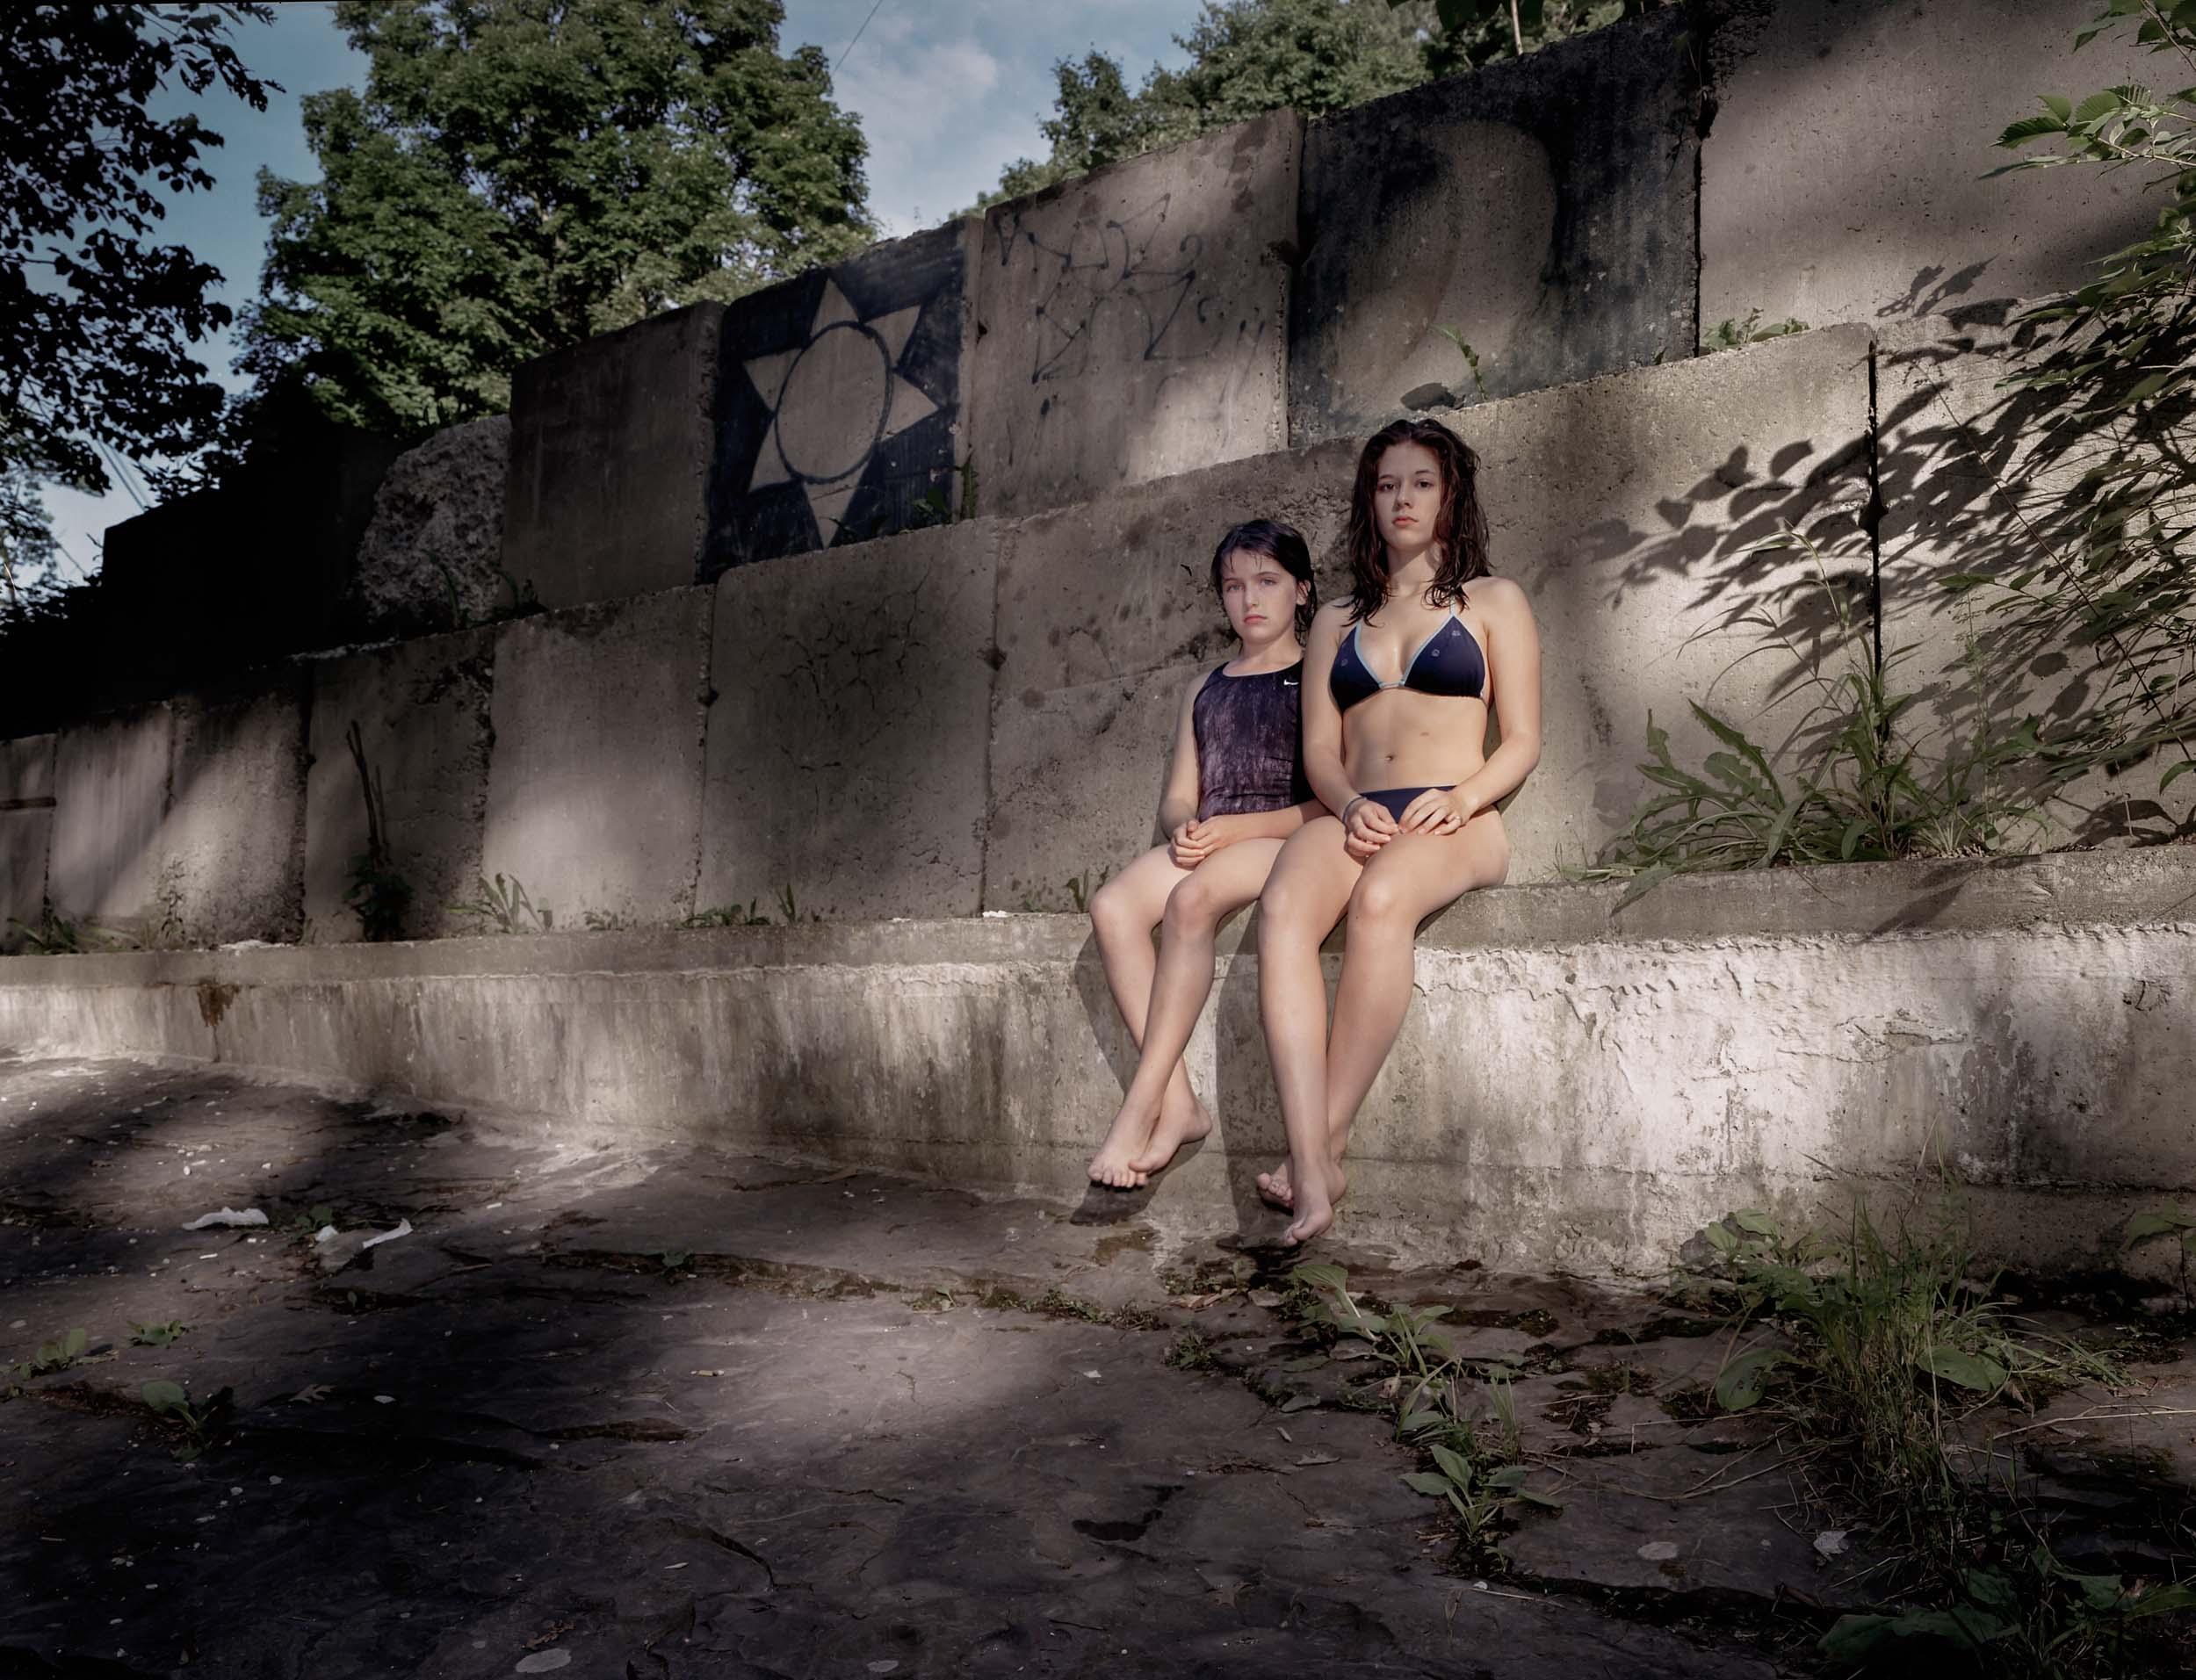 Sisters_001.2-Edit.jpg